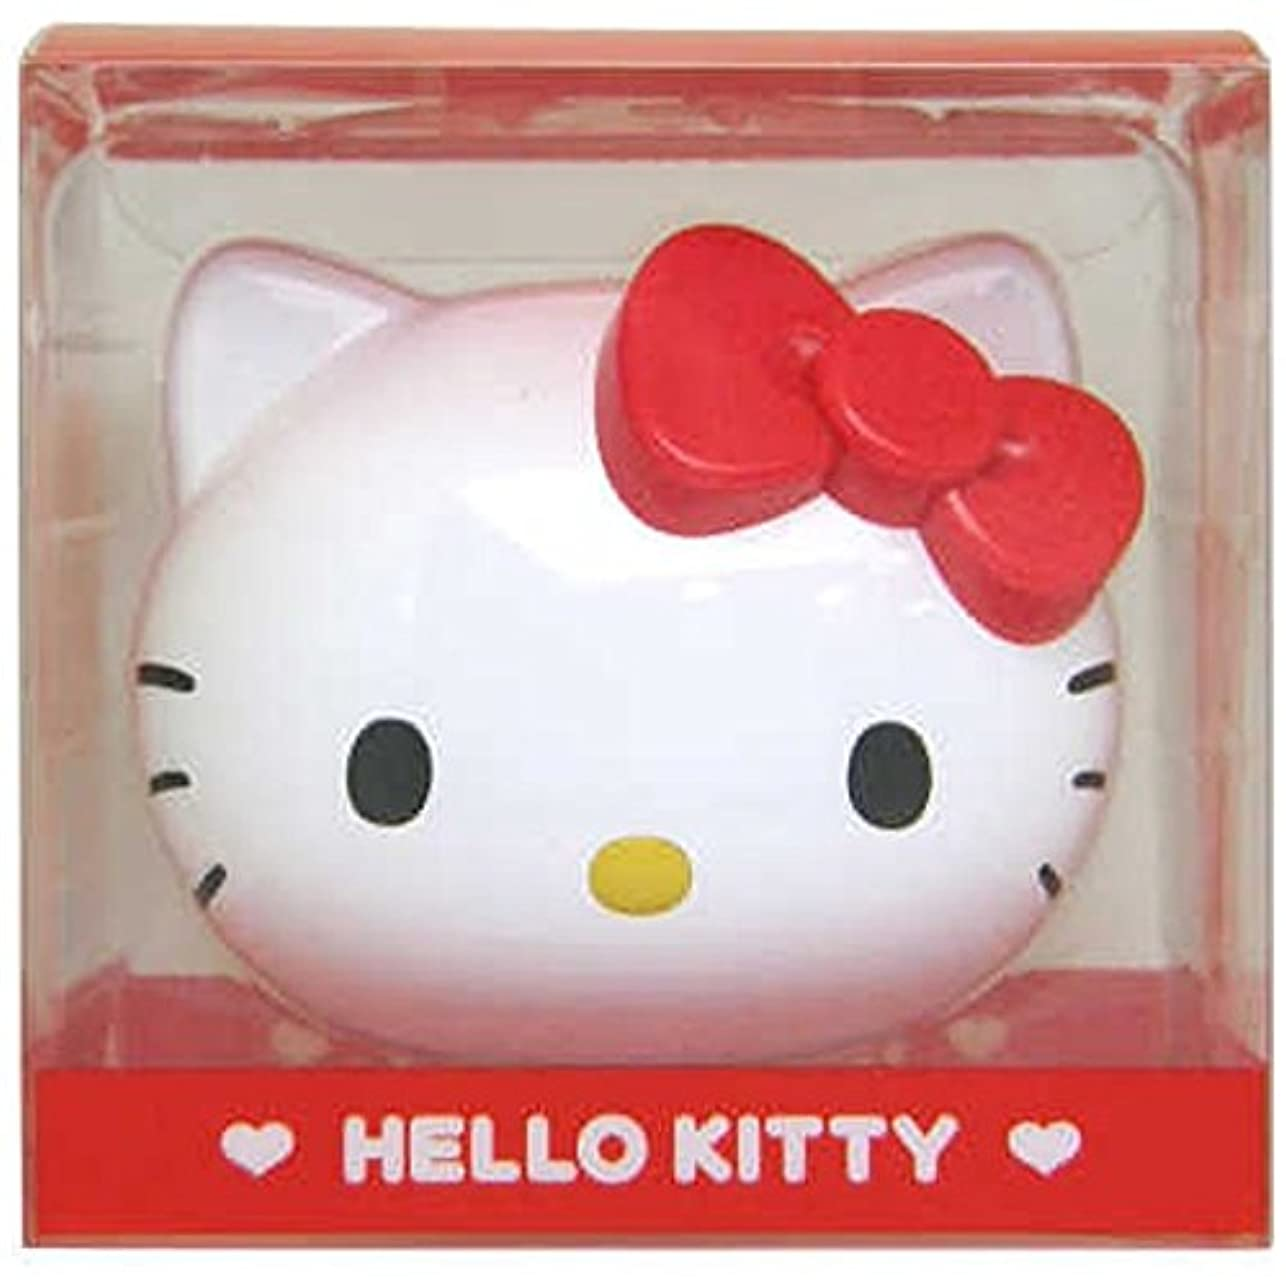 競うデコレーション谷素数 ボディブラシ 「キティ ボディブラシ」 8028852 ホワイト (正規販売店:KS-0100)